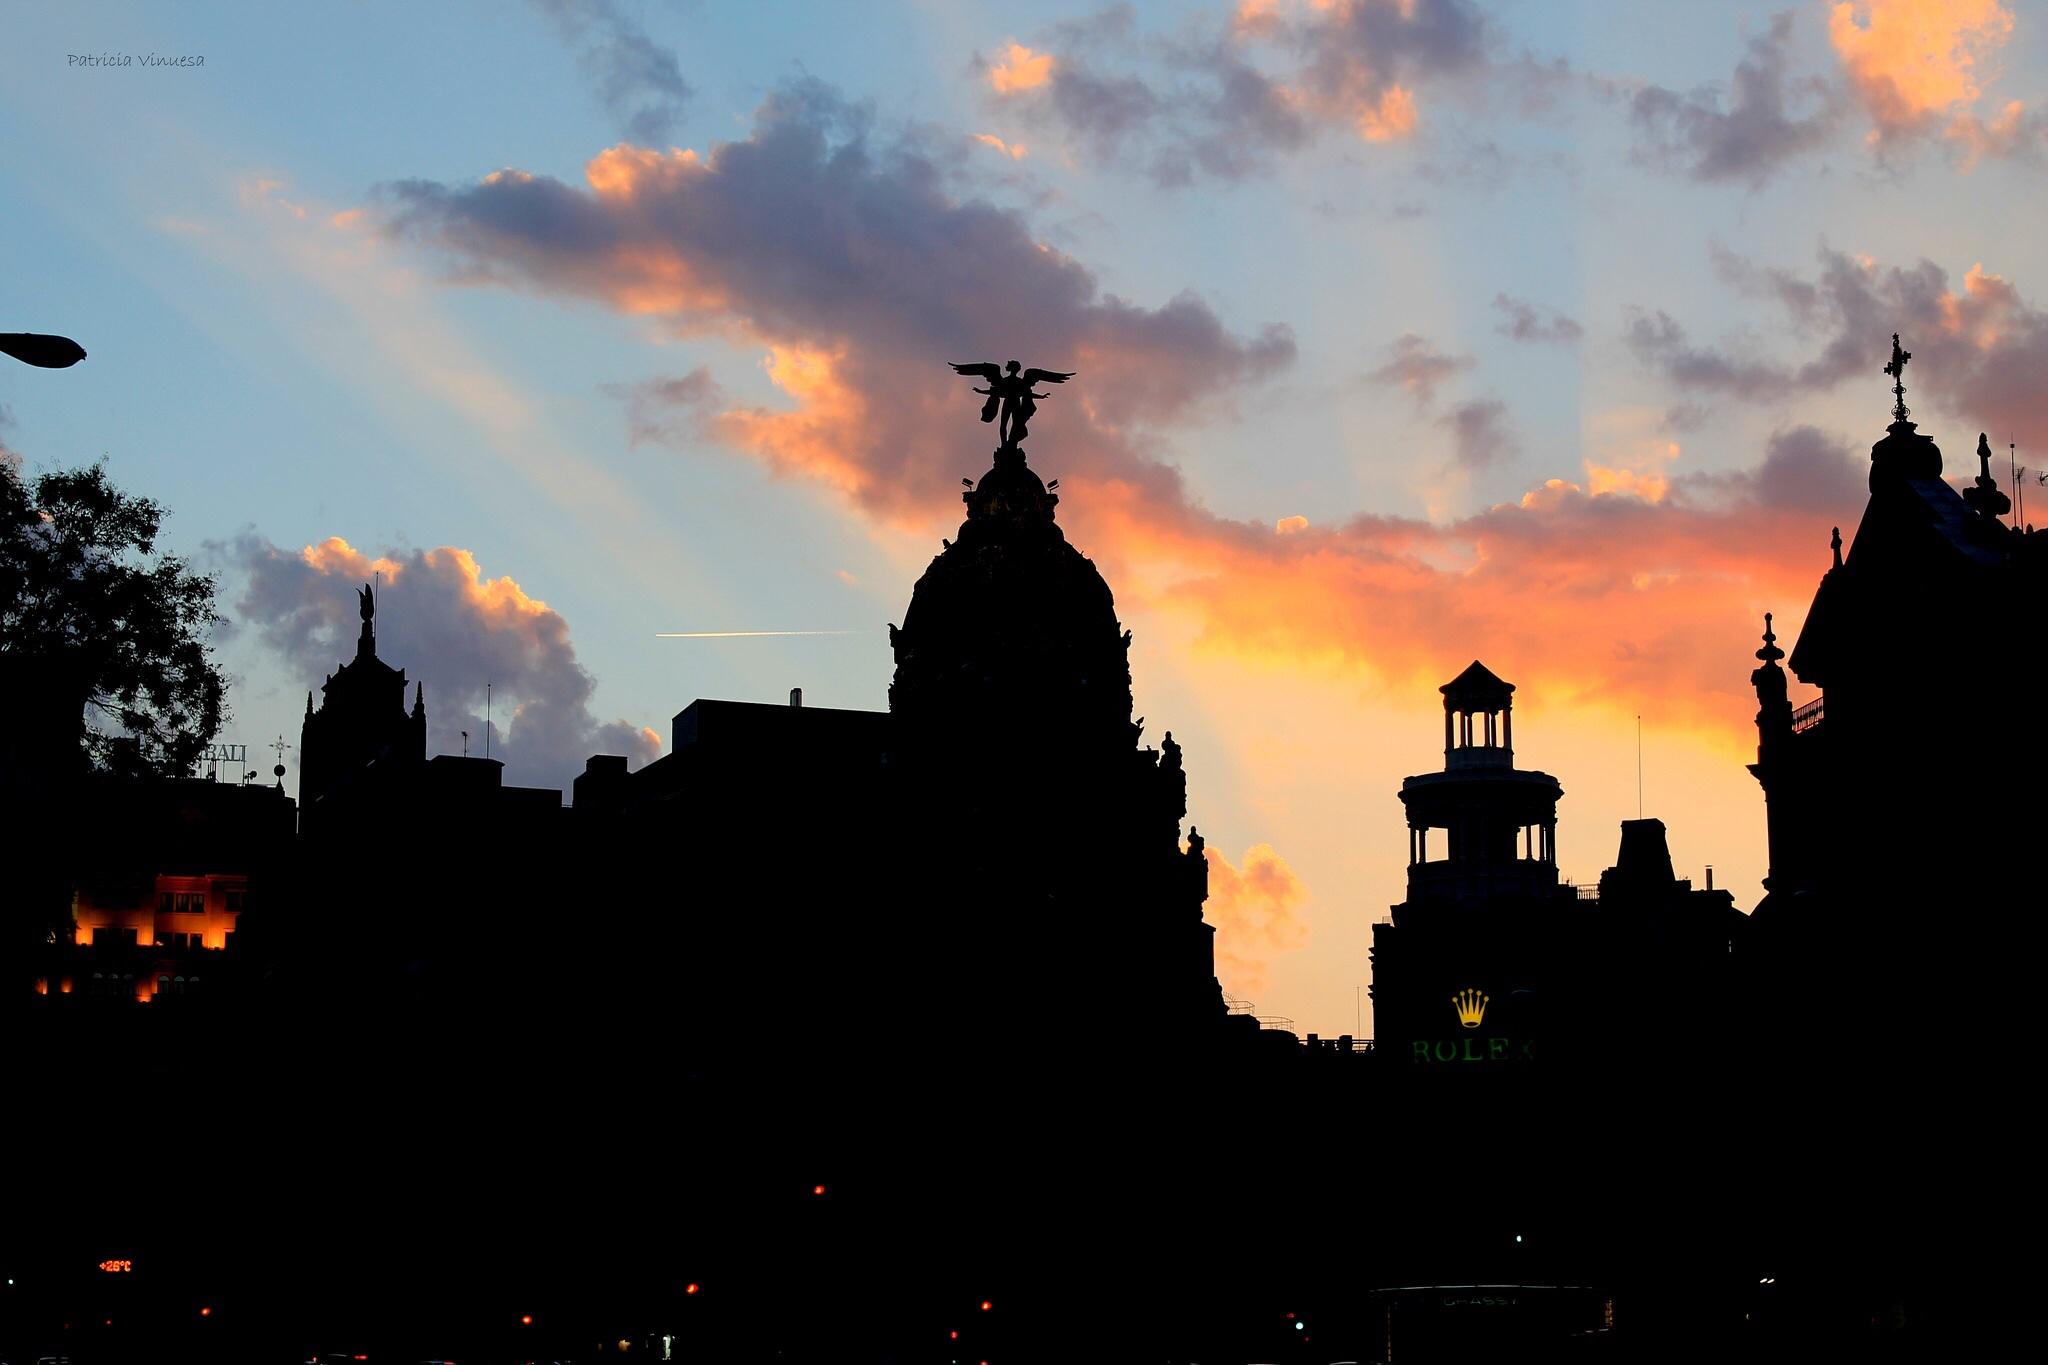 Un atardecer en el que se puede ver la Metrópolis y el edificio de Rolex, hecha desde la parada de Banco de España. Foto de @pattvh_